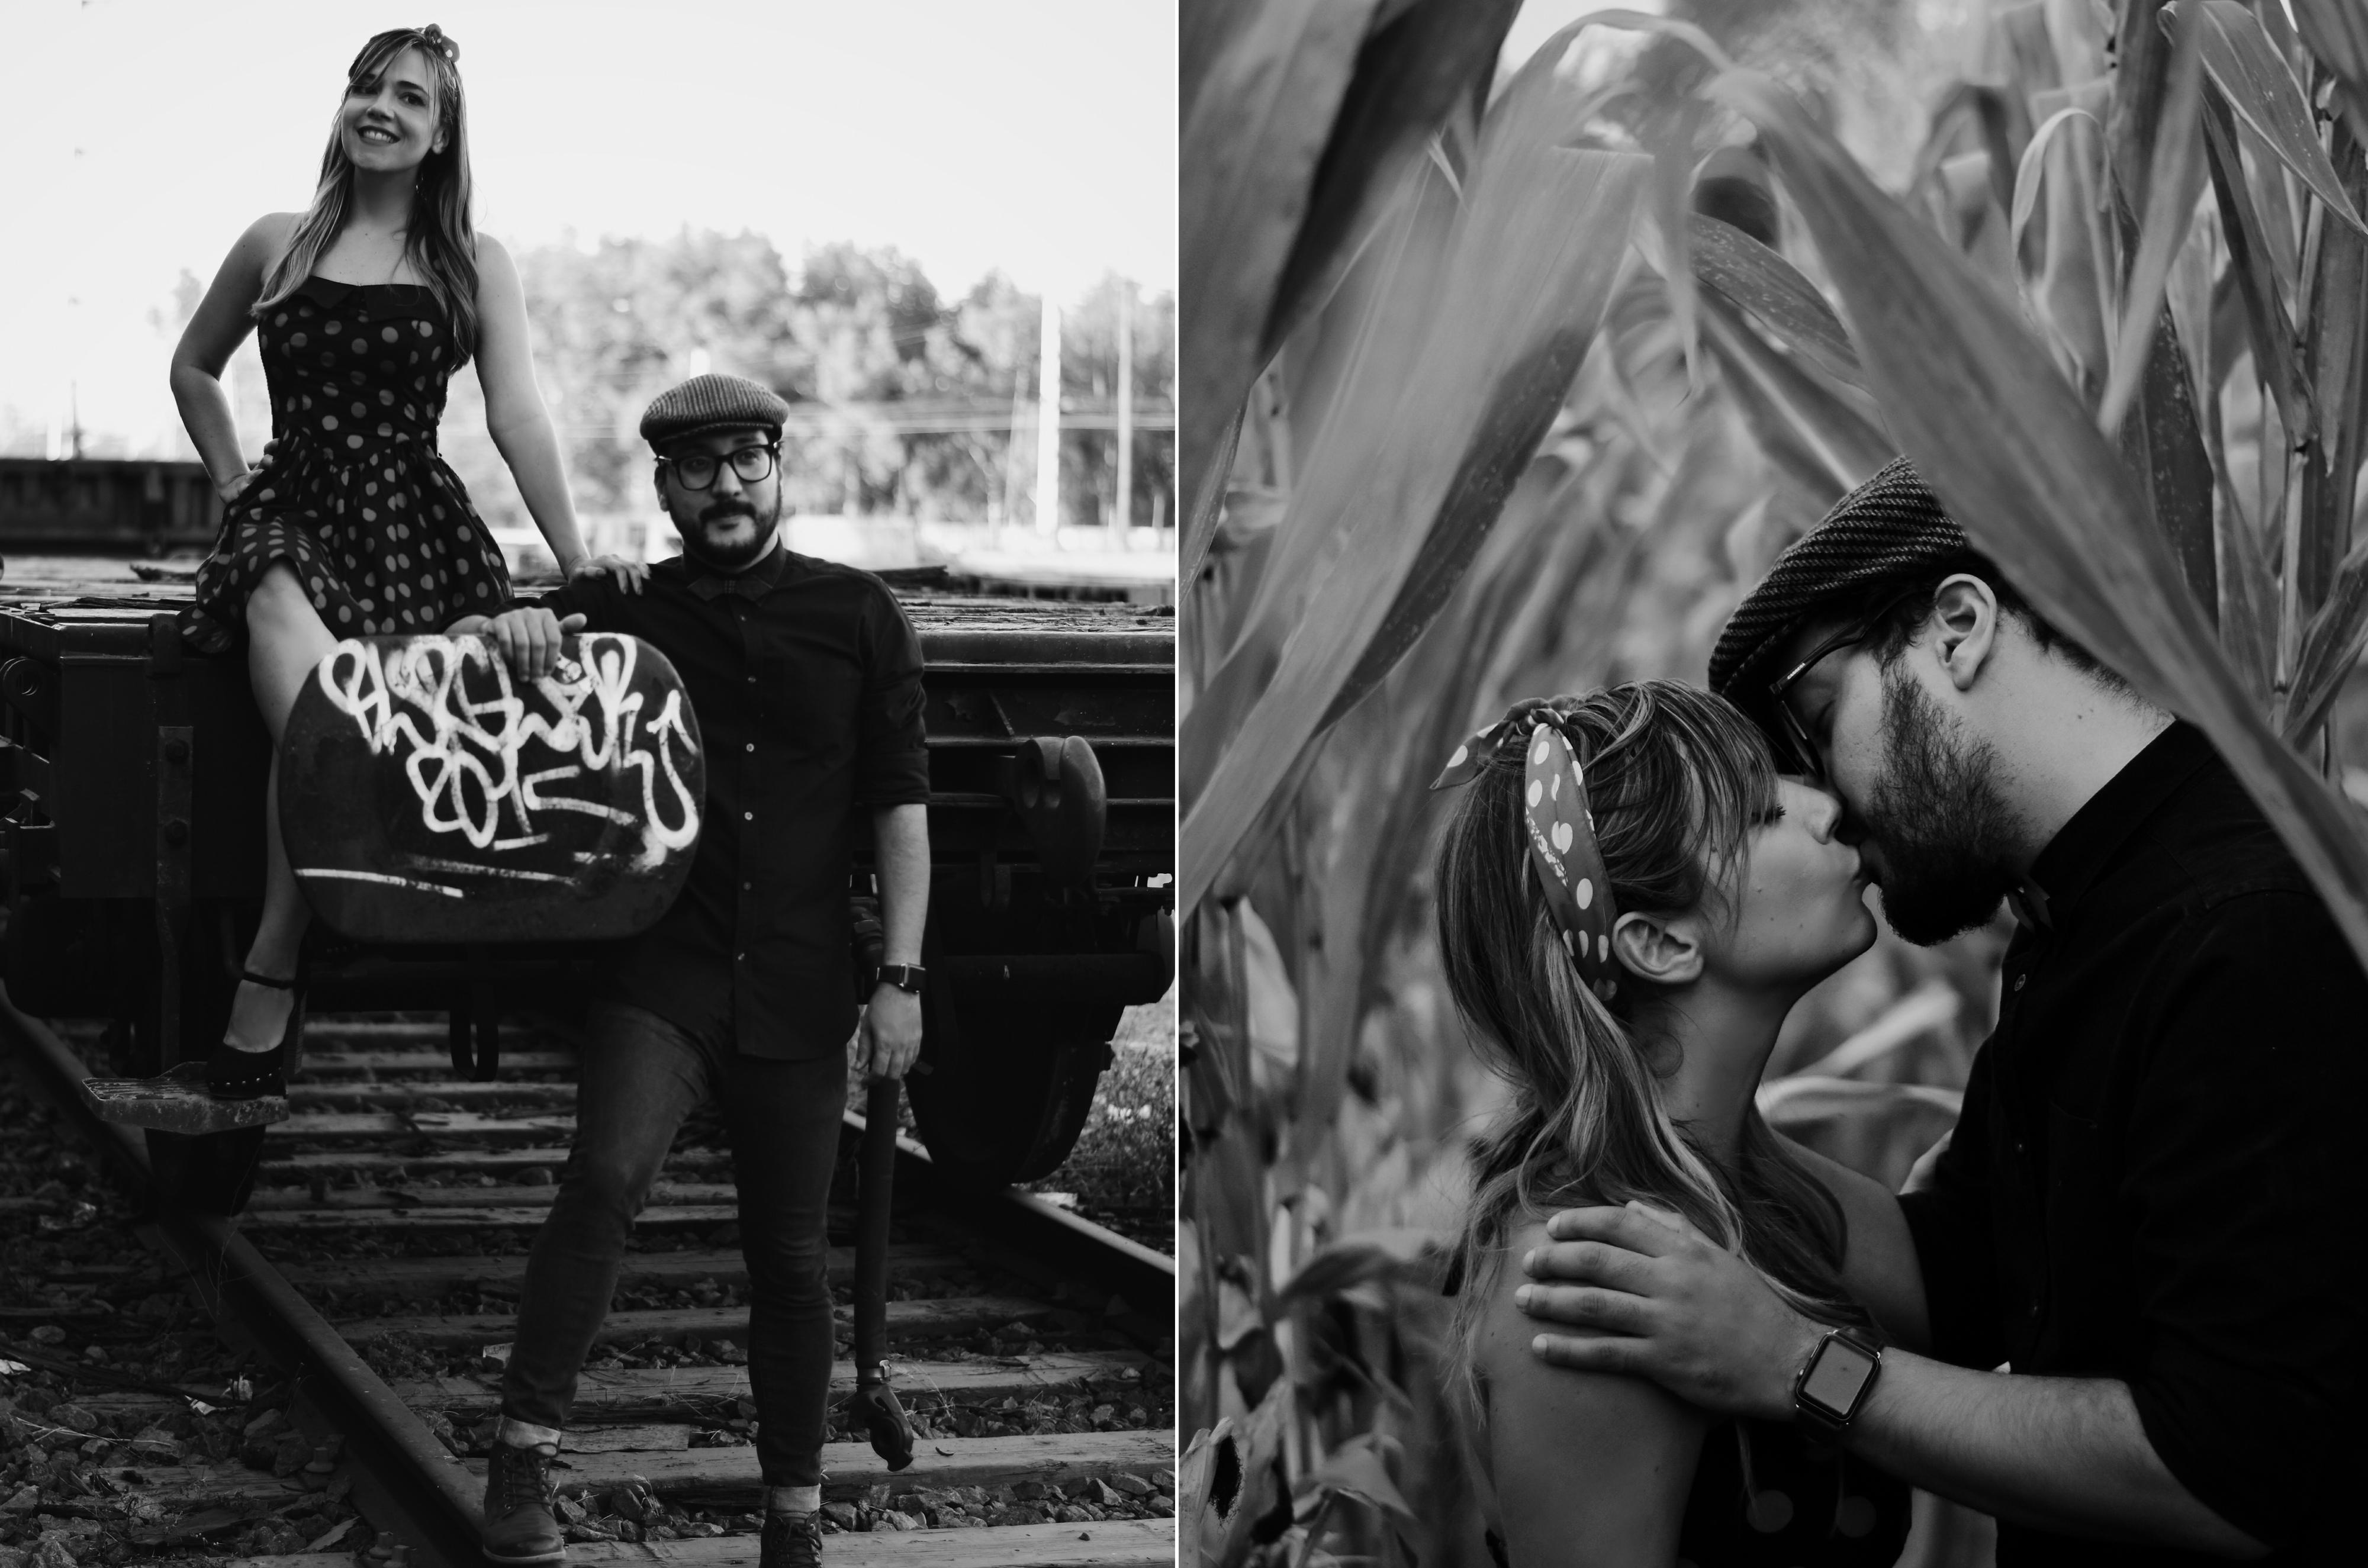 Influencer-Madrid-ChicAdicta-fashionista-blog-de-moda-Chic-Adicta-fabbianifoto-novios-look-vintage-parejas-retro-PiensaenChic-Piensa-en-Chic